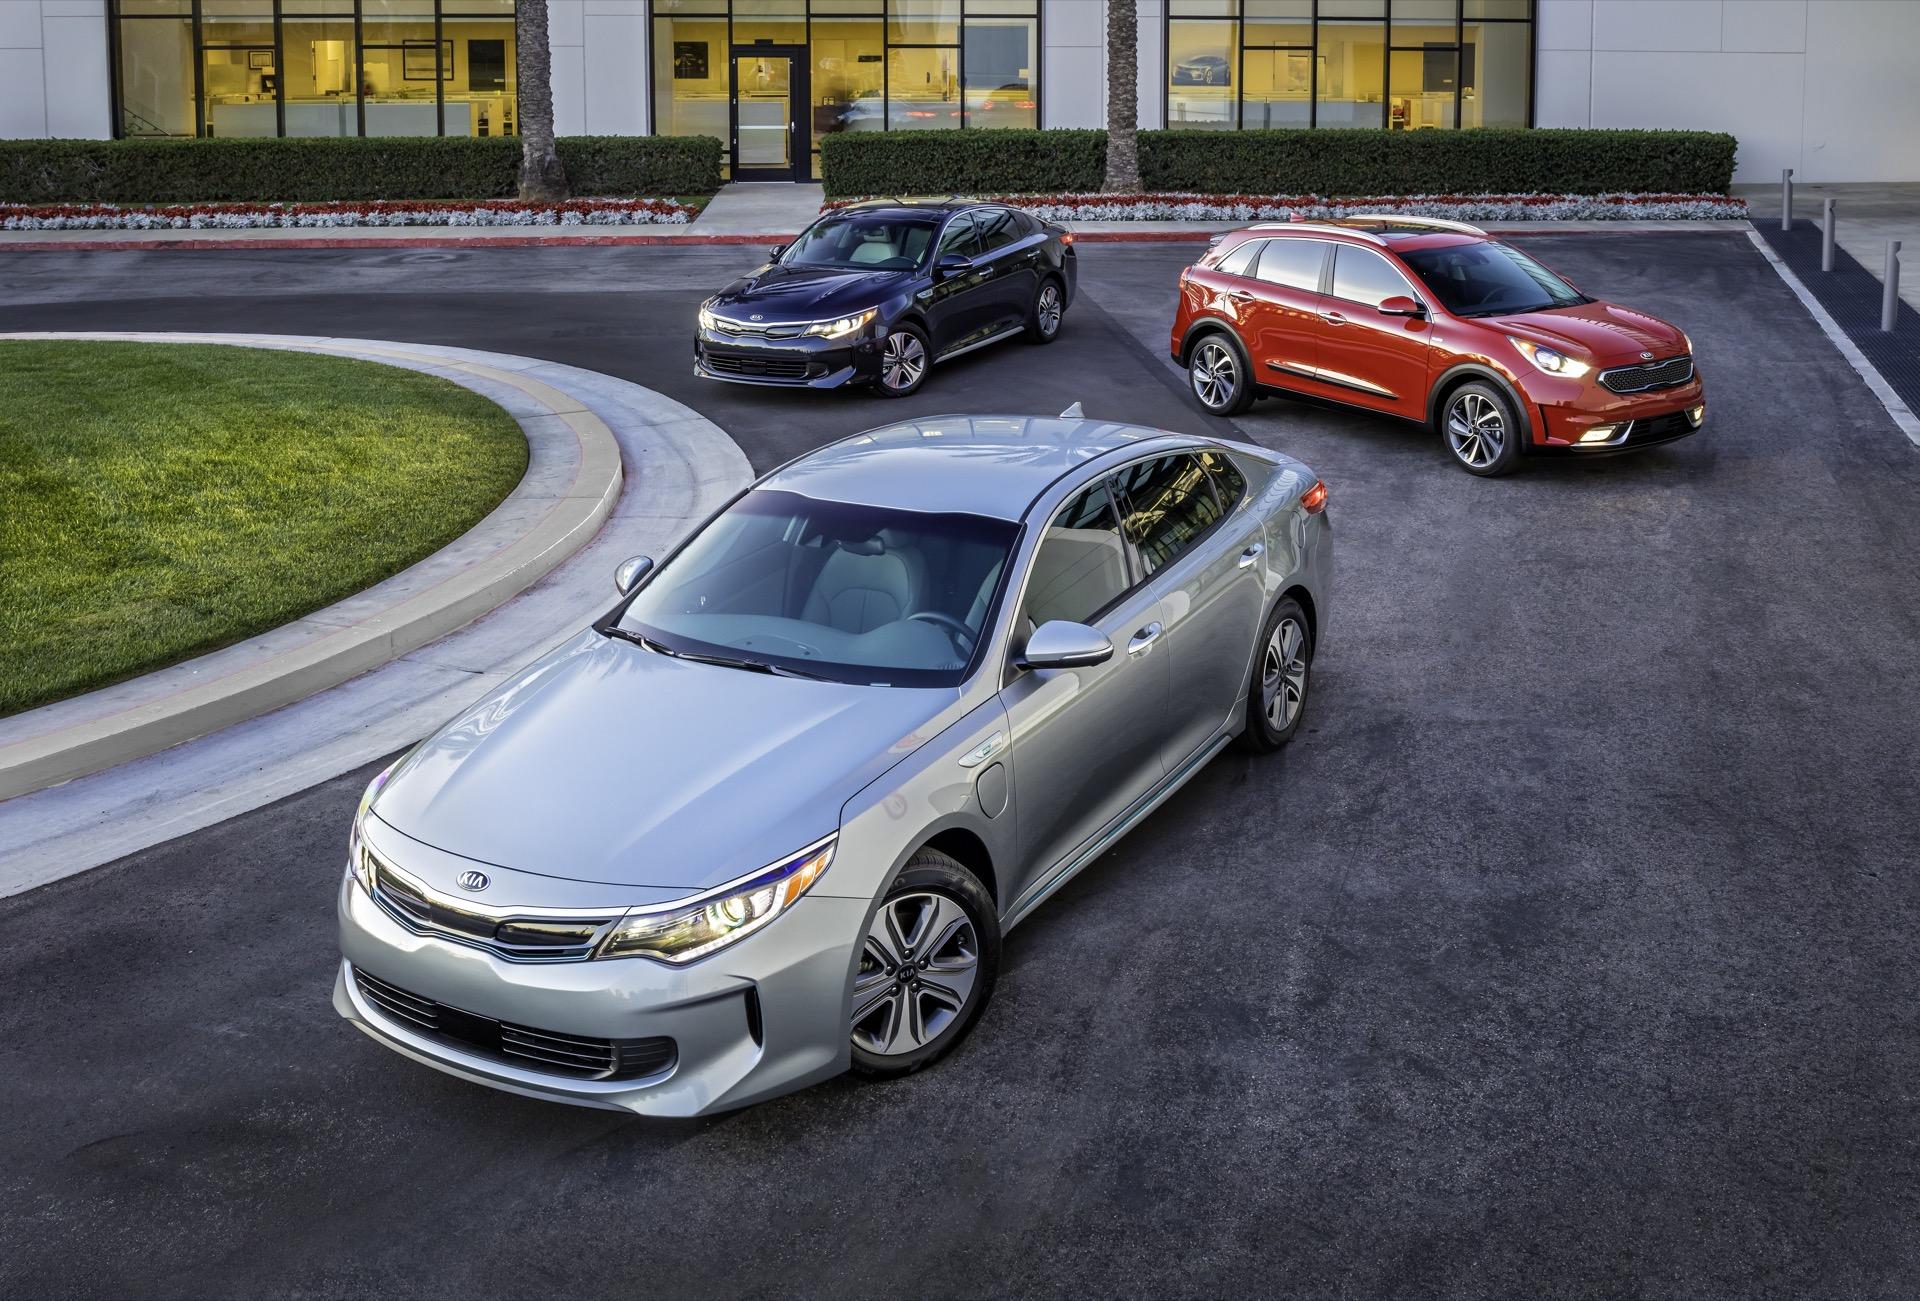 electric-car lessons, better hybrids, tesla crash data, rigging